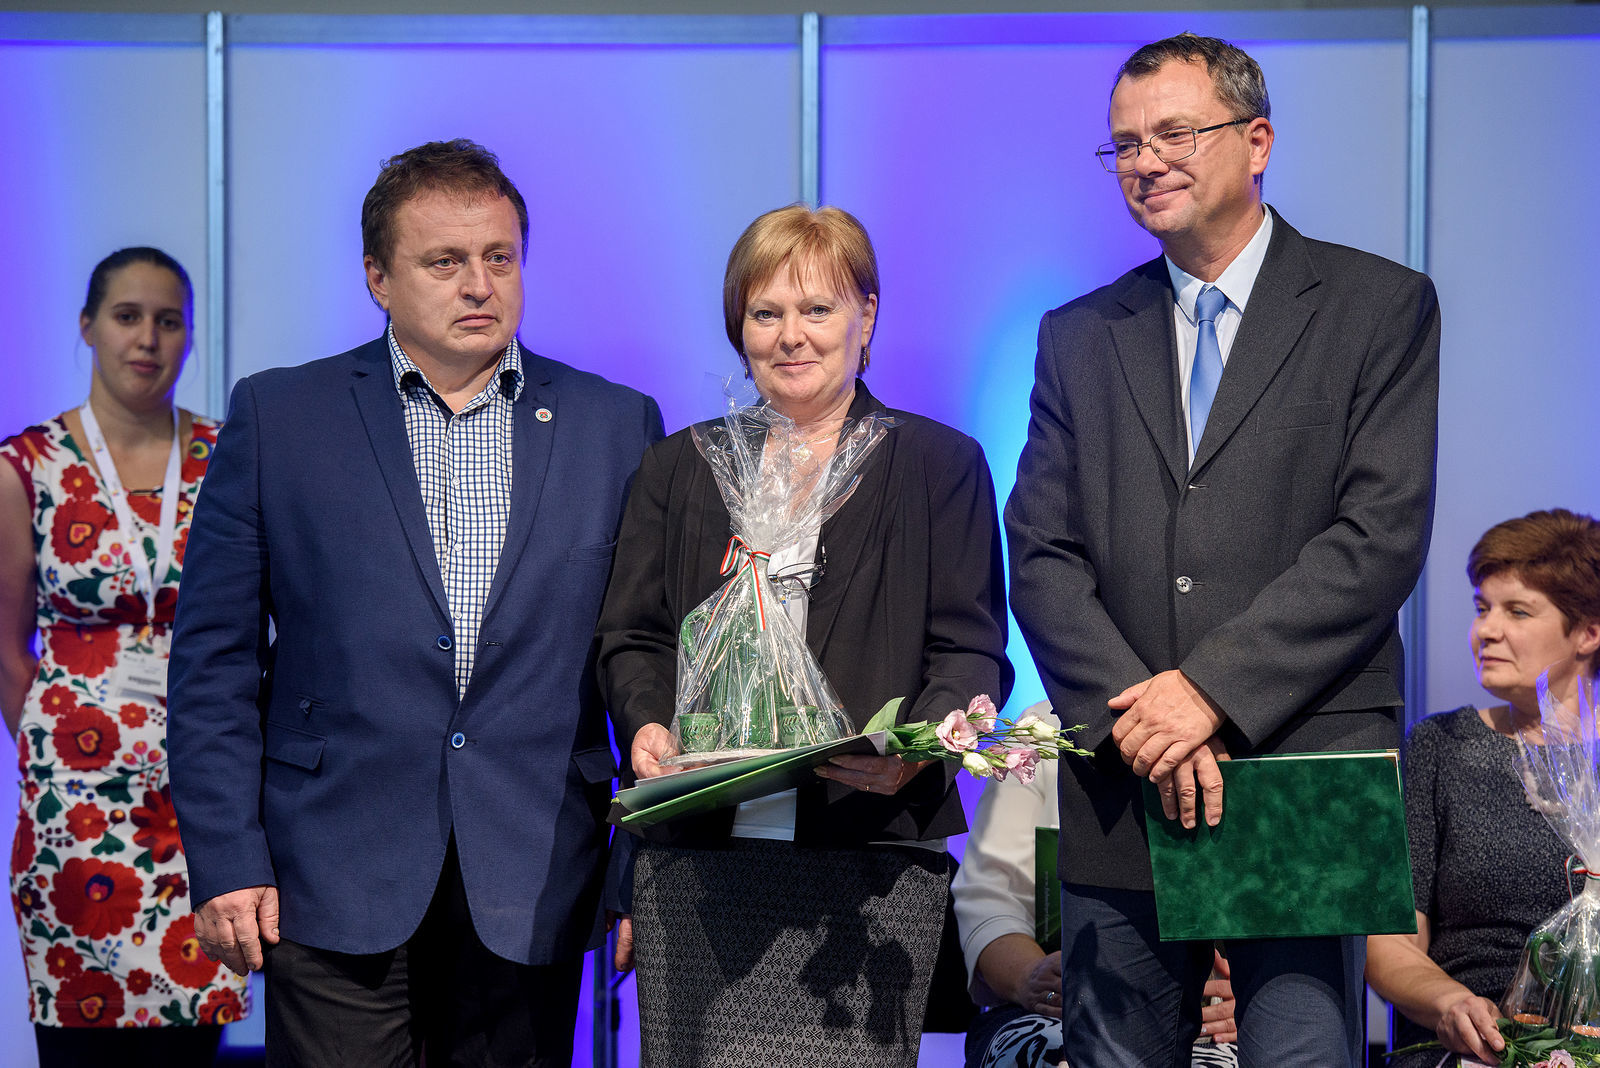 Révész Márta az Észak-Alföld régió Falusi Turizmus Szolgáltatója díjat érdemelte ki